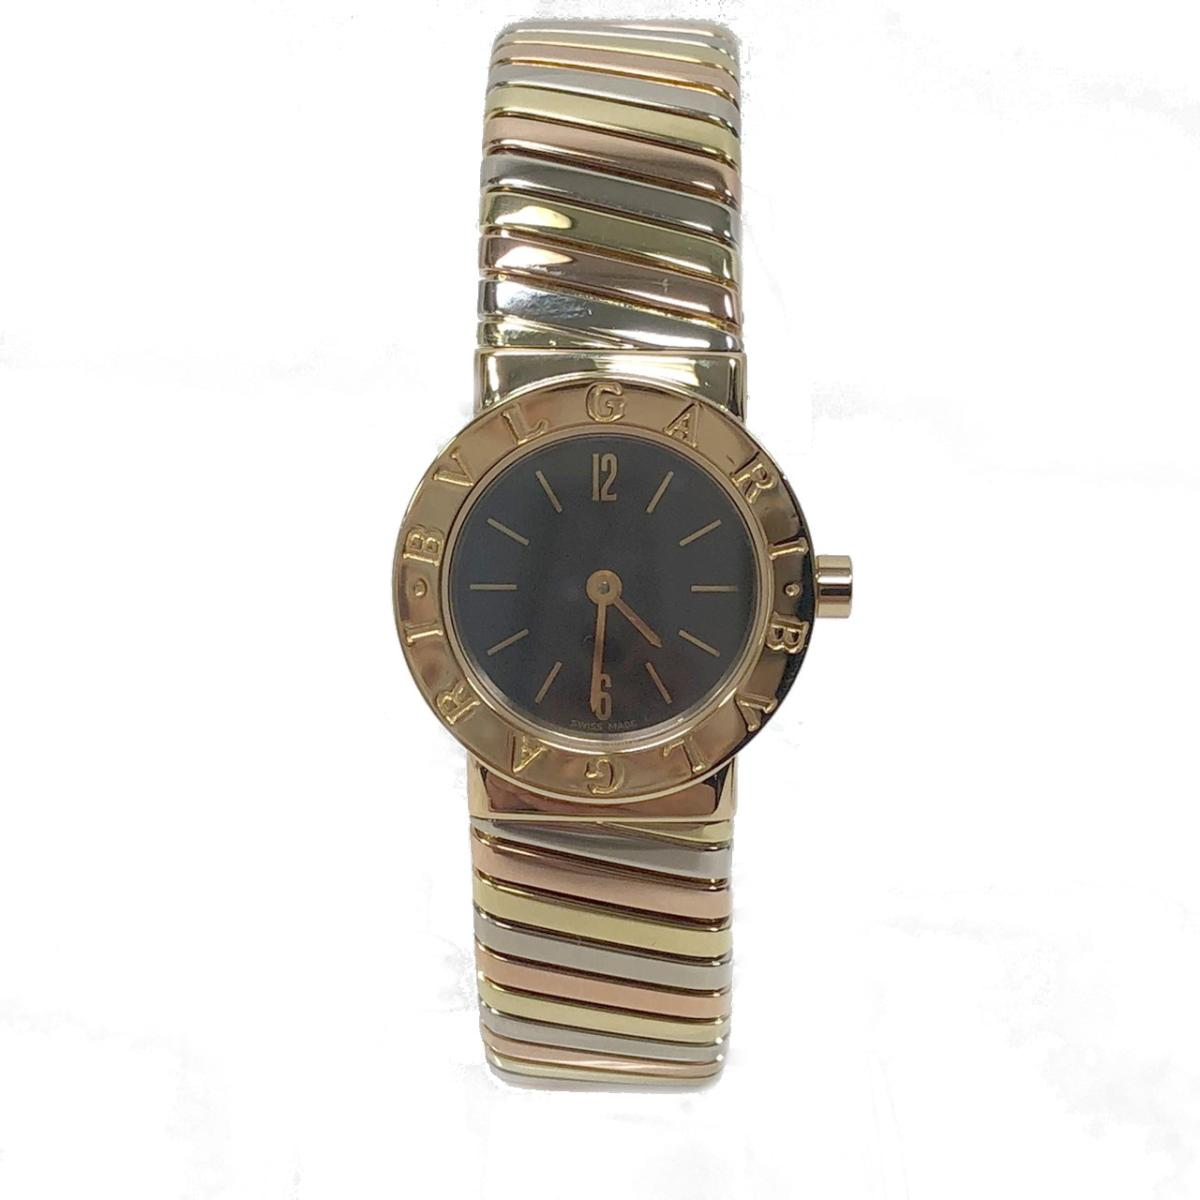 【中古】ブルガリ ブルガリ トゥボガス 腕時計 レディース K18YG (750)イエローゴールドイエローゴールド ピンクゴールド ホワイトゴールド (BB232T) | BVLGARI BRANDOFF ブランドオフ ブランド ブランド時計 ブランド腕時計 時計